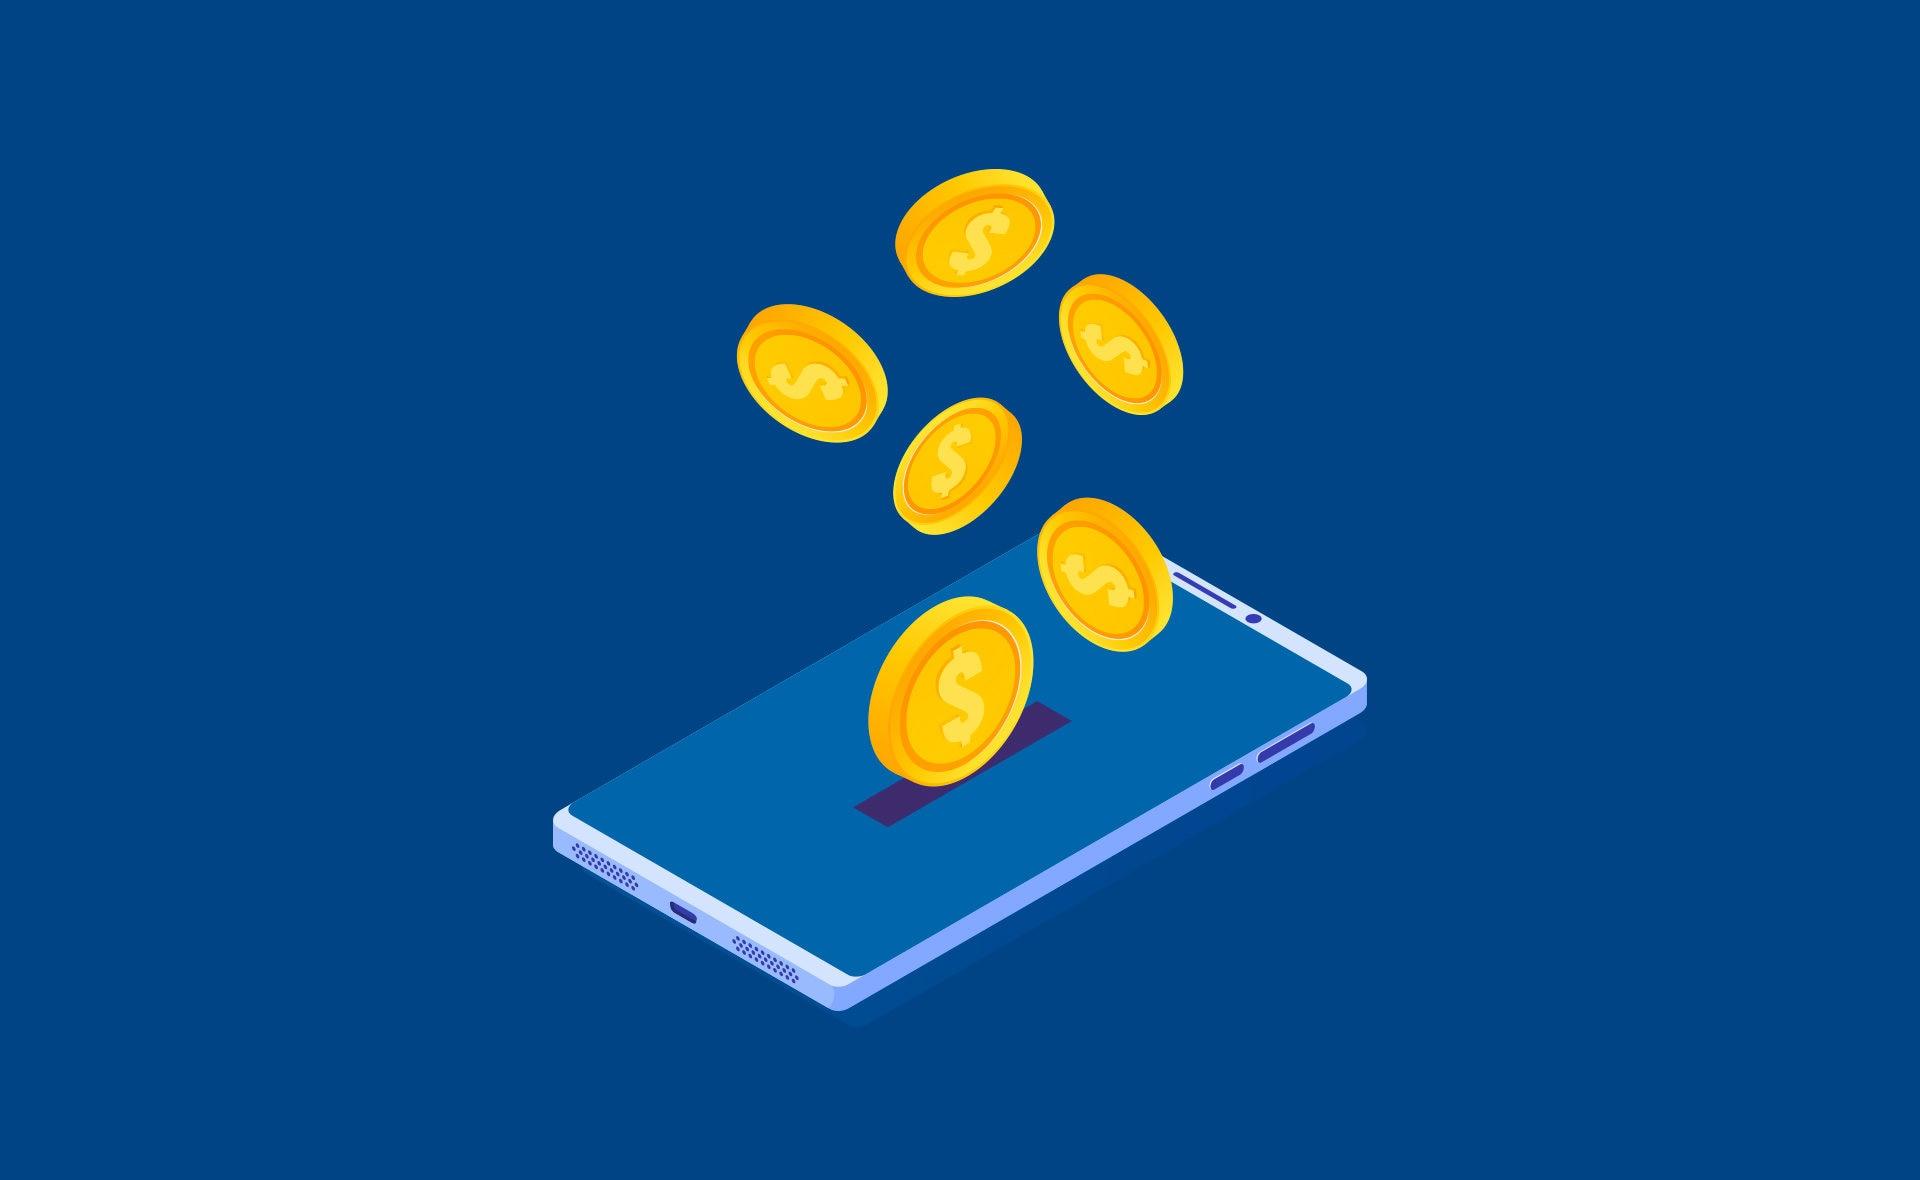 apetura_cocos-emisiones-bonos-demanda-monedas-dinero-economía-BBVA